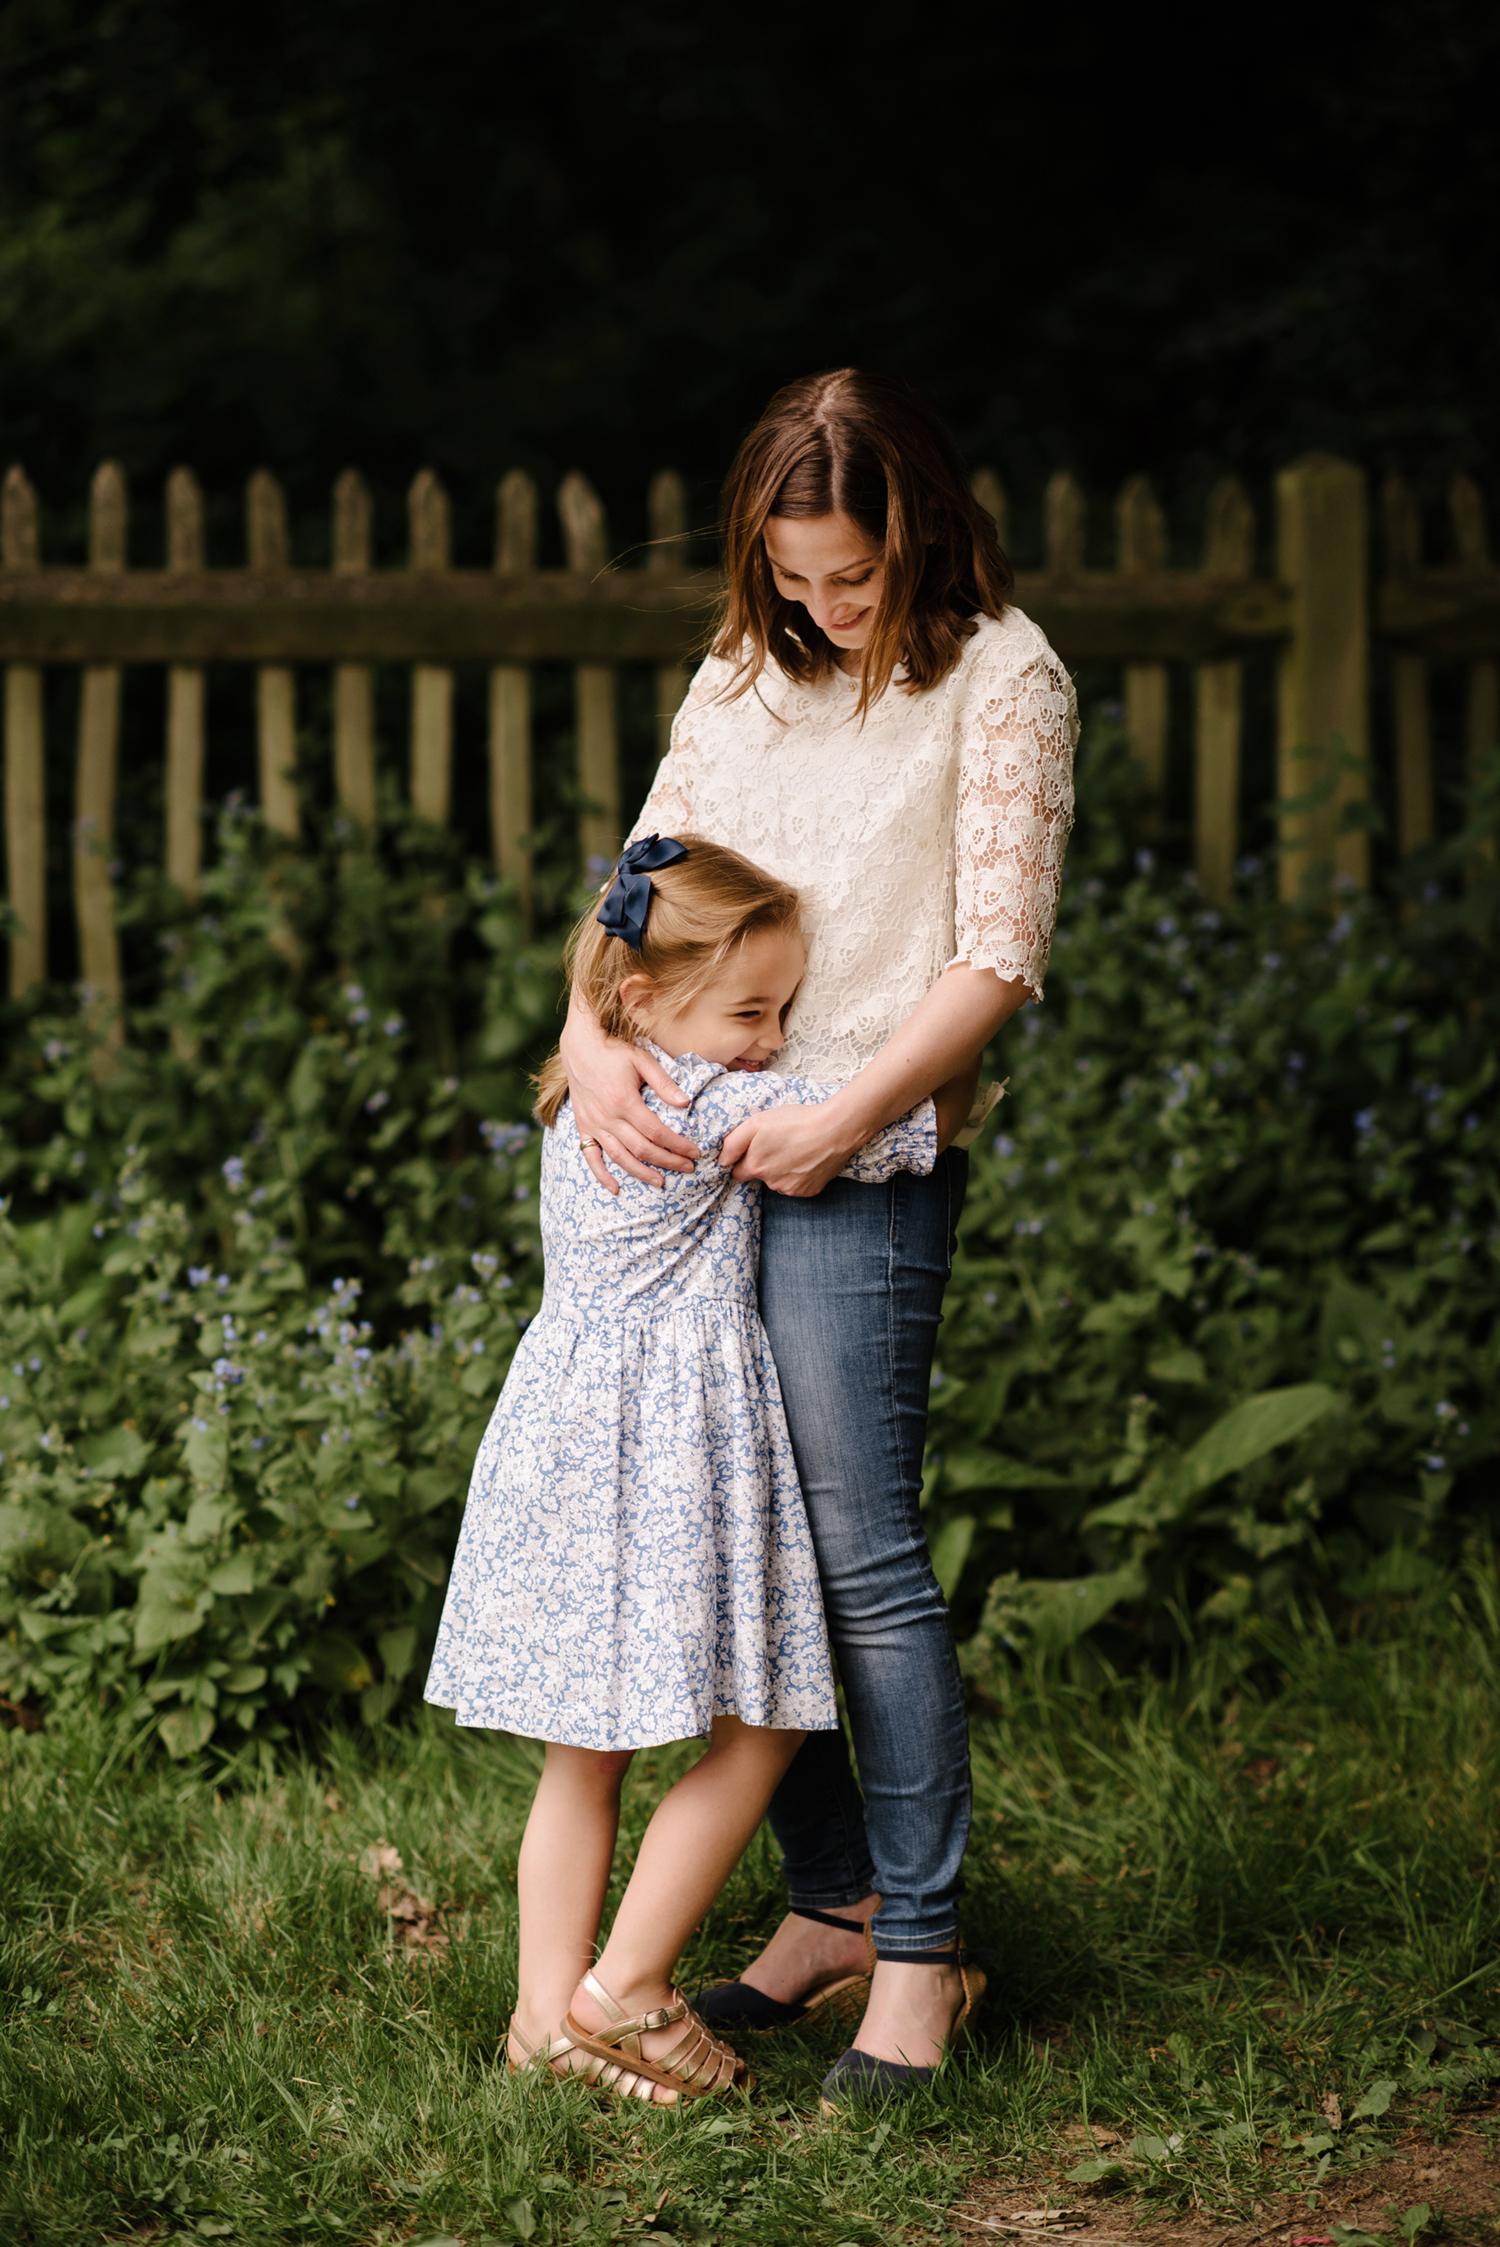 Hampstead-Heath-Family-Photographer-040.jpg